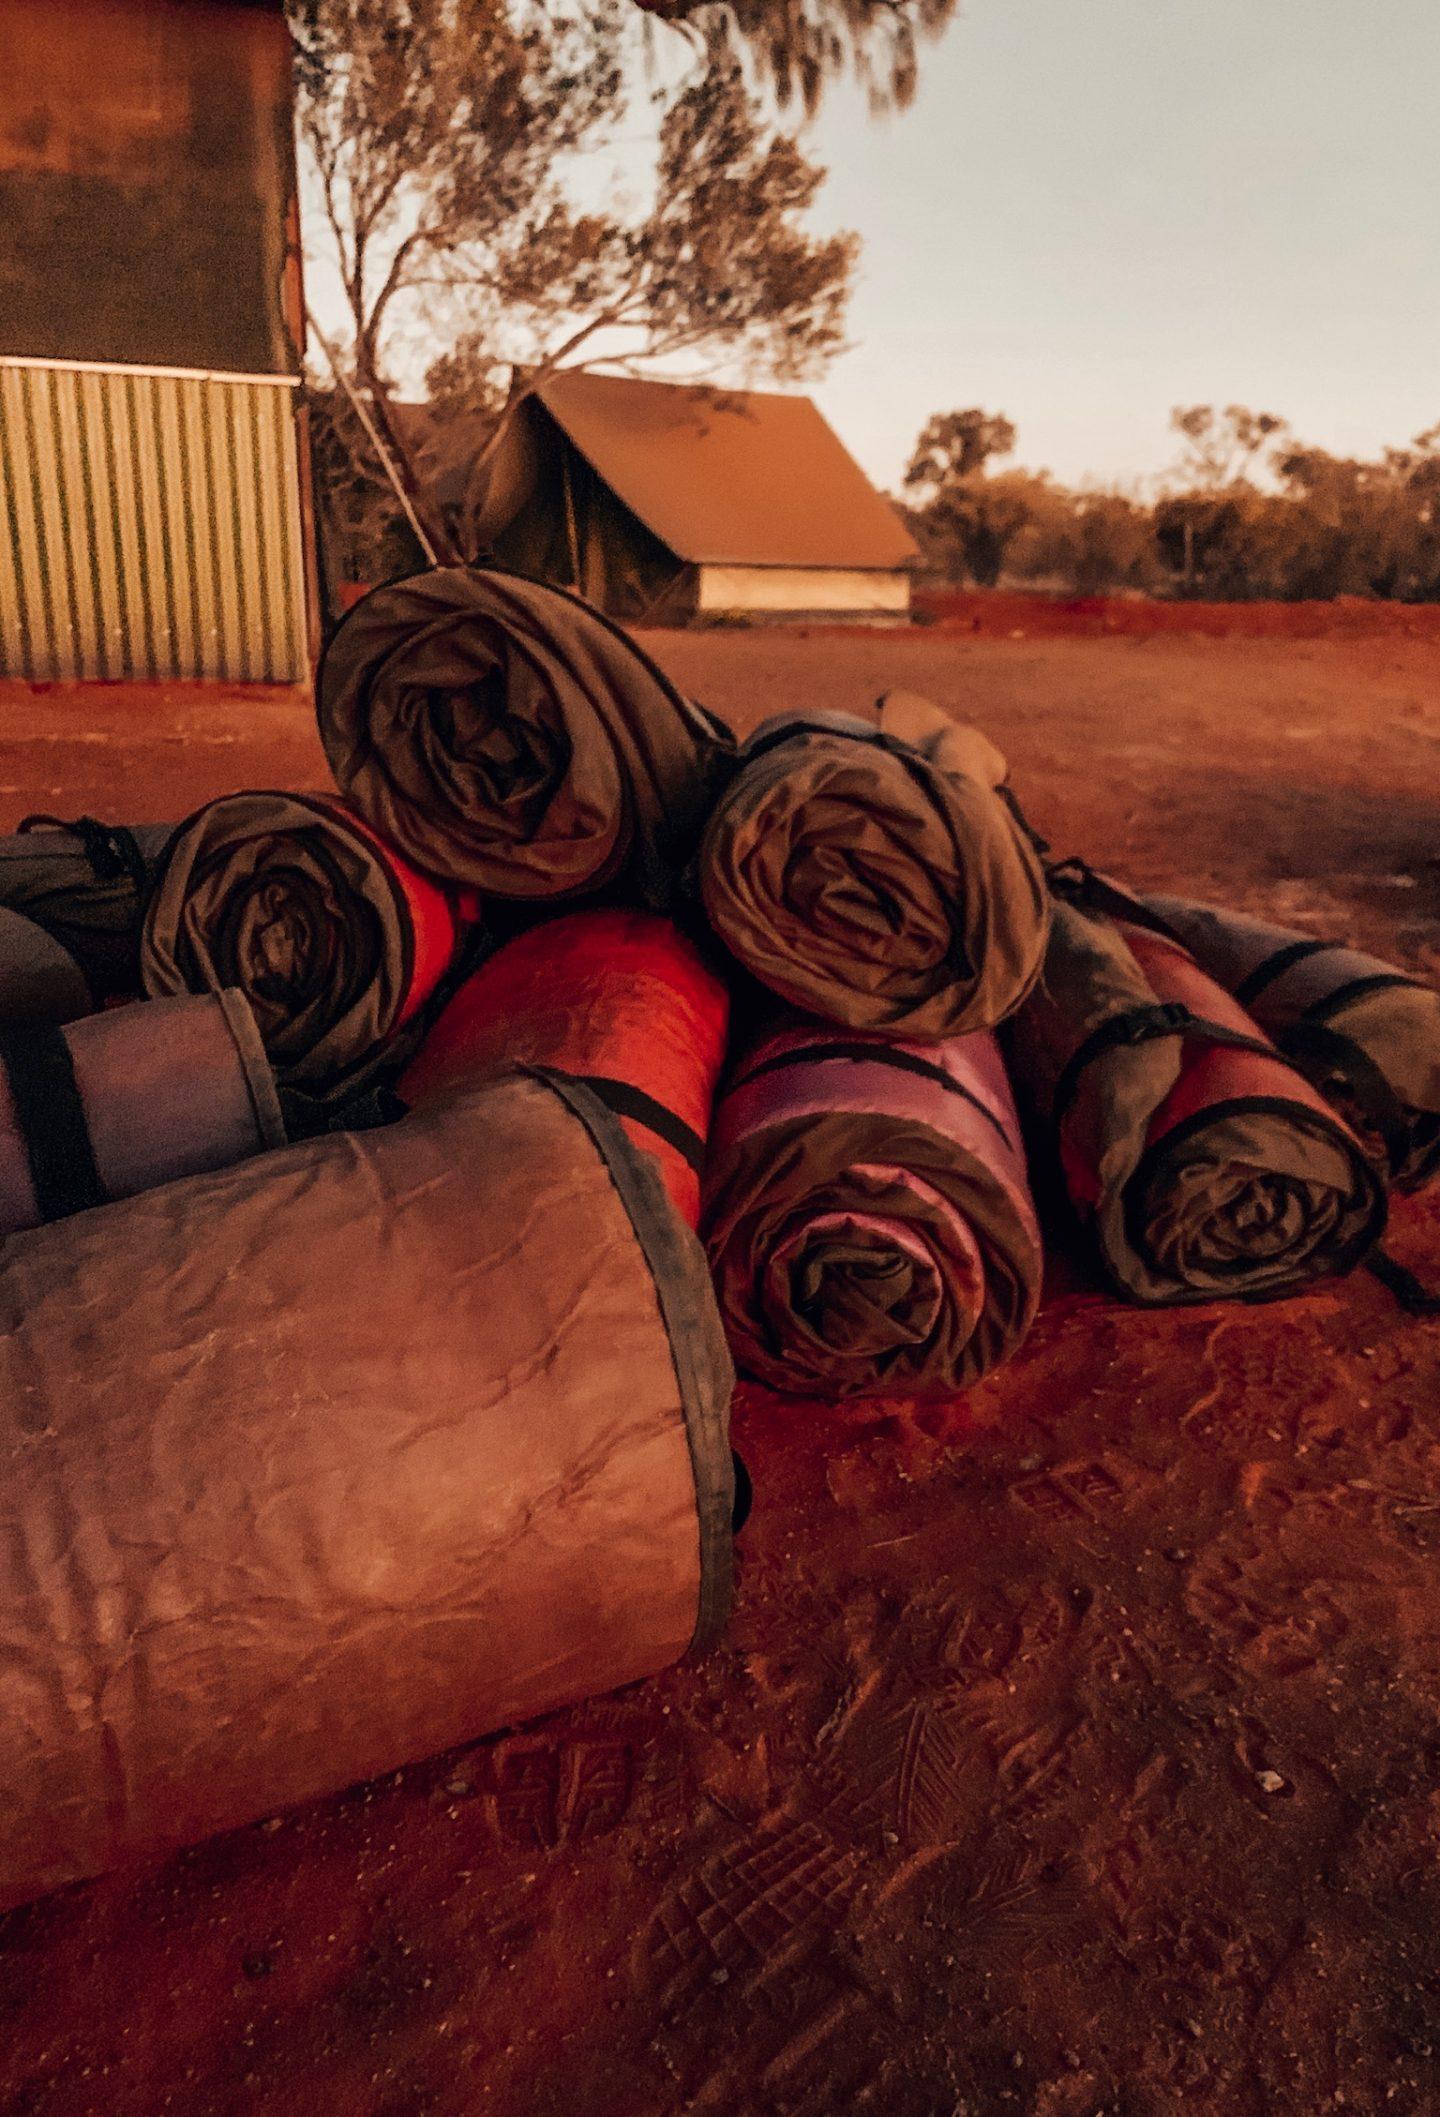 Our campsite in the Outback near Uluru.